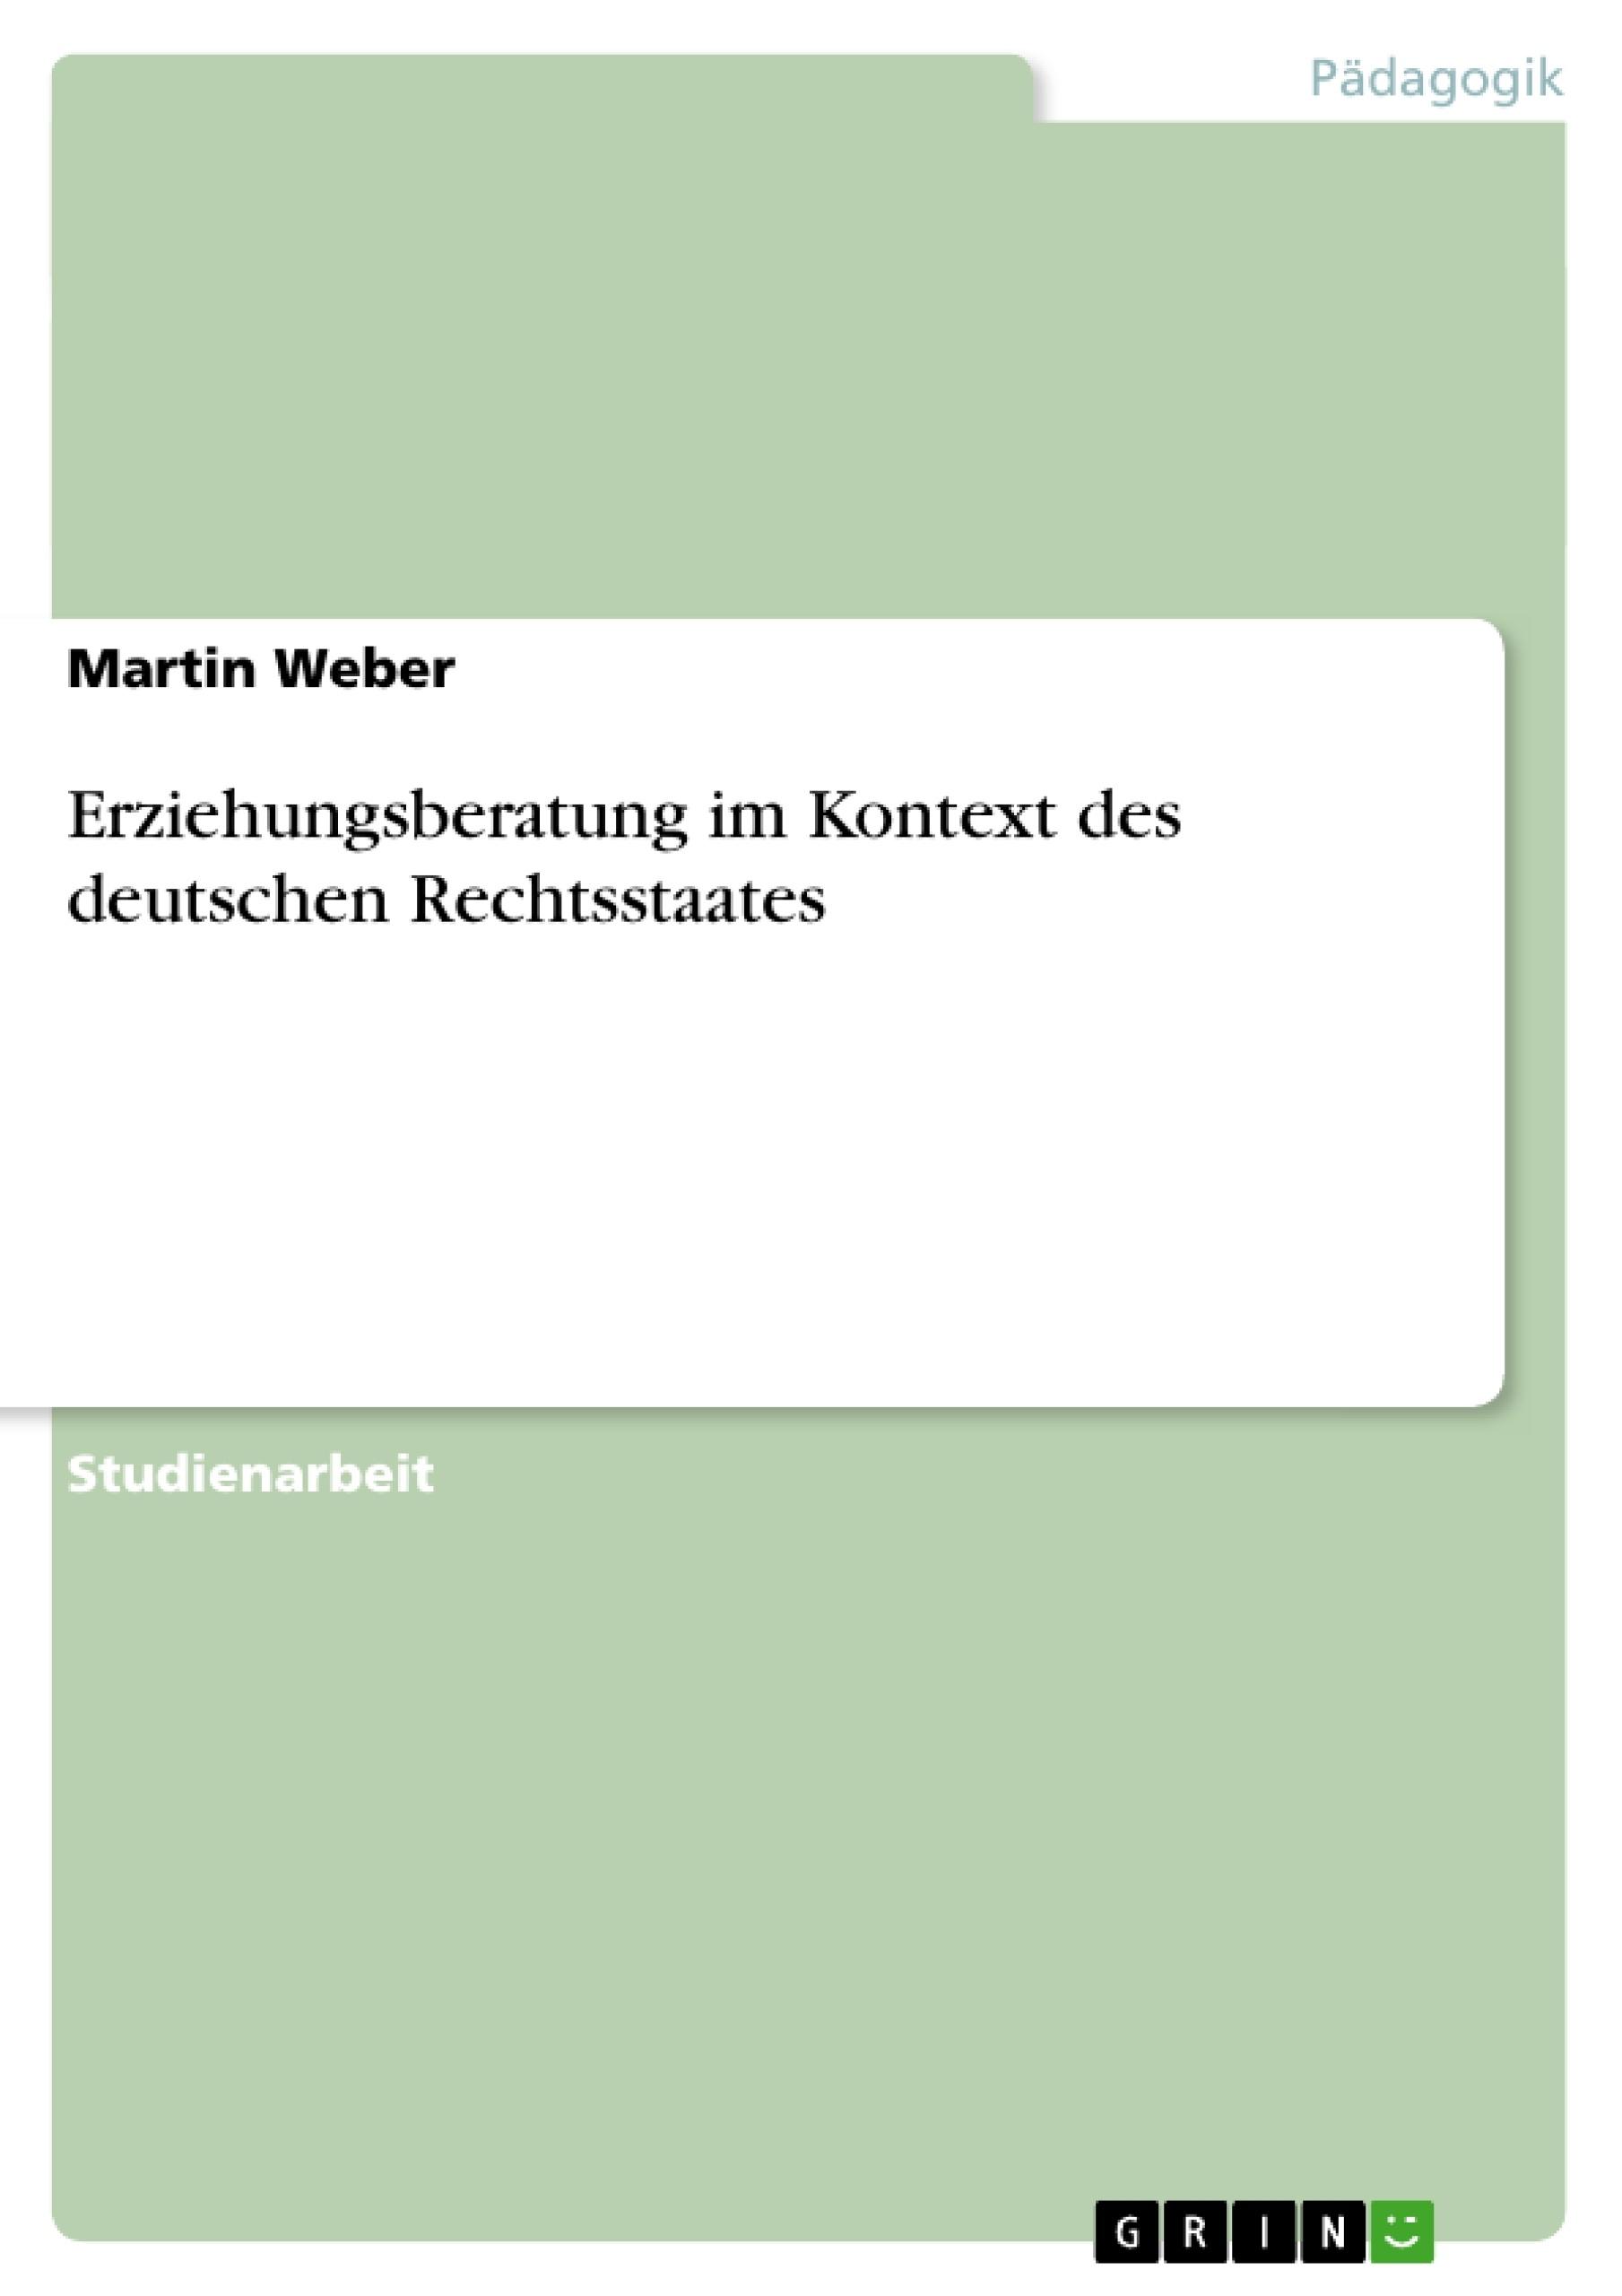 Titel: Erziehungsberatung im Kontext des deutschen Rechtsstaates